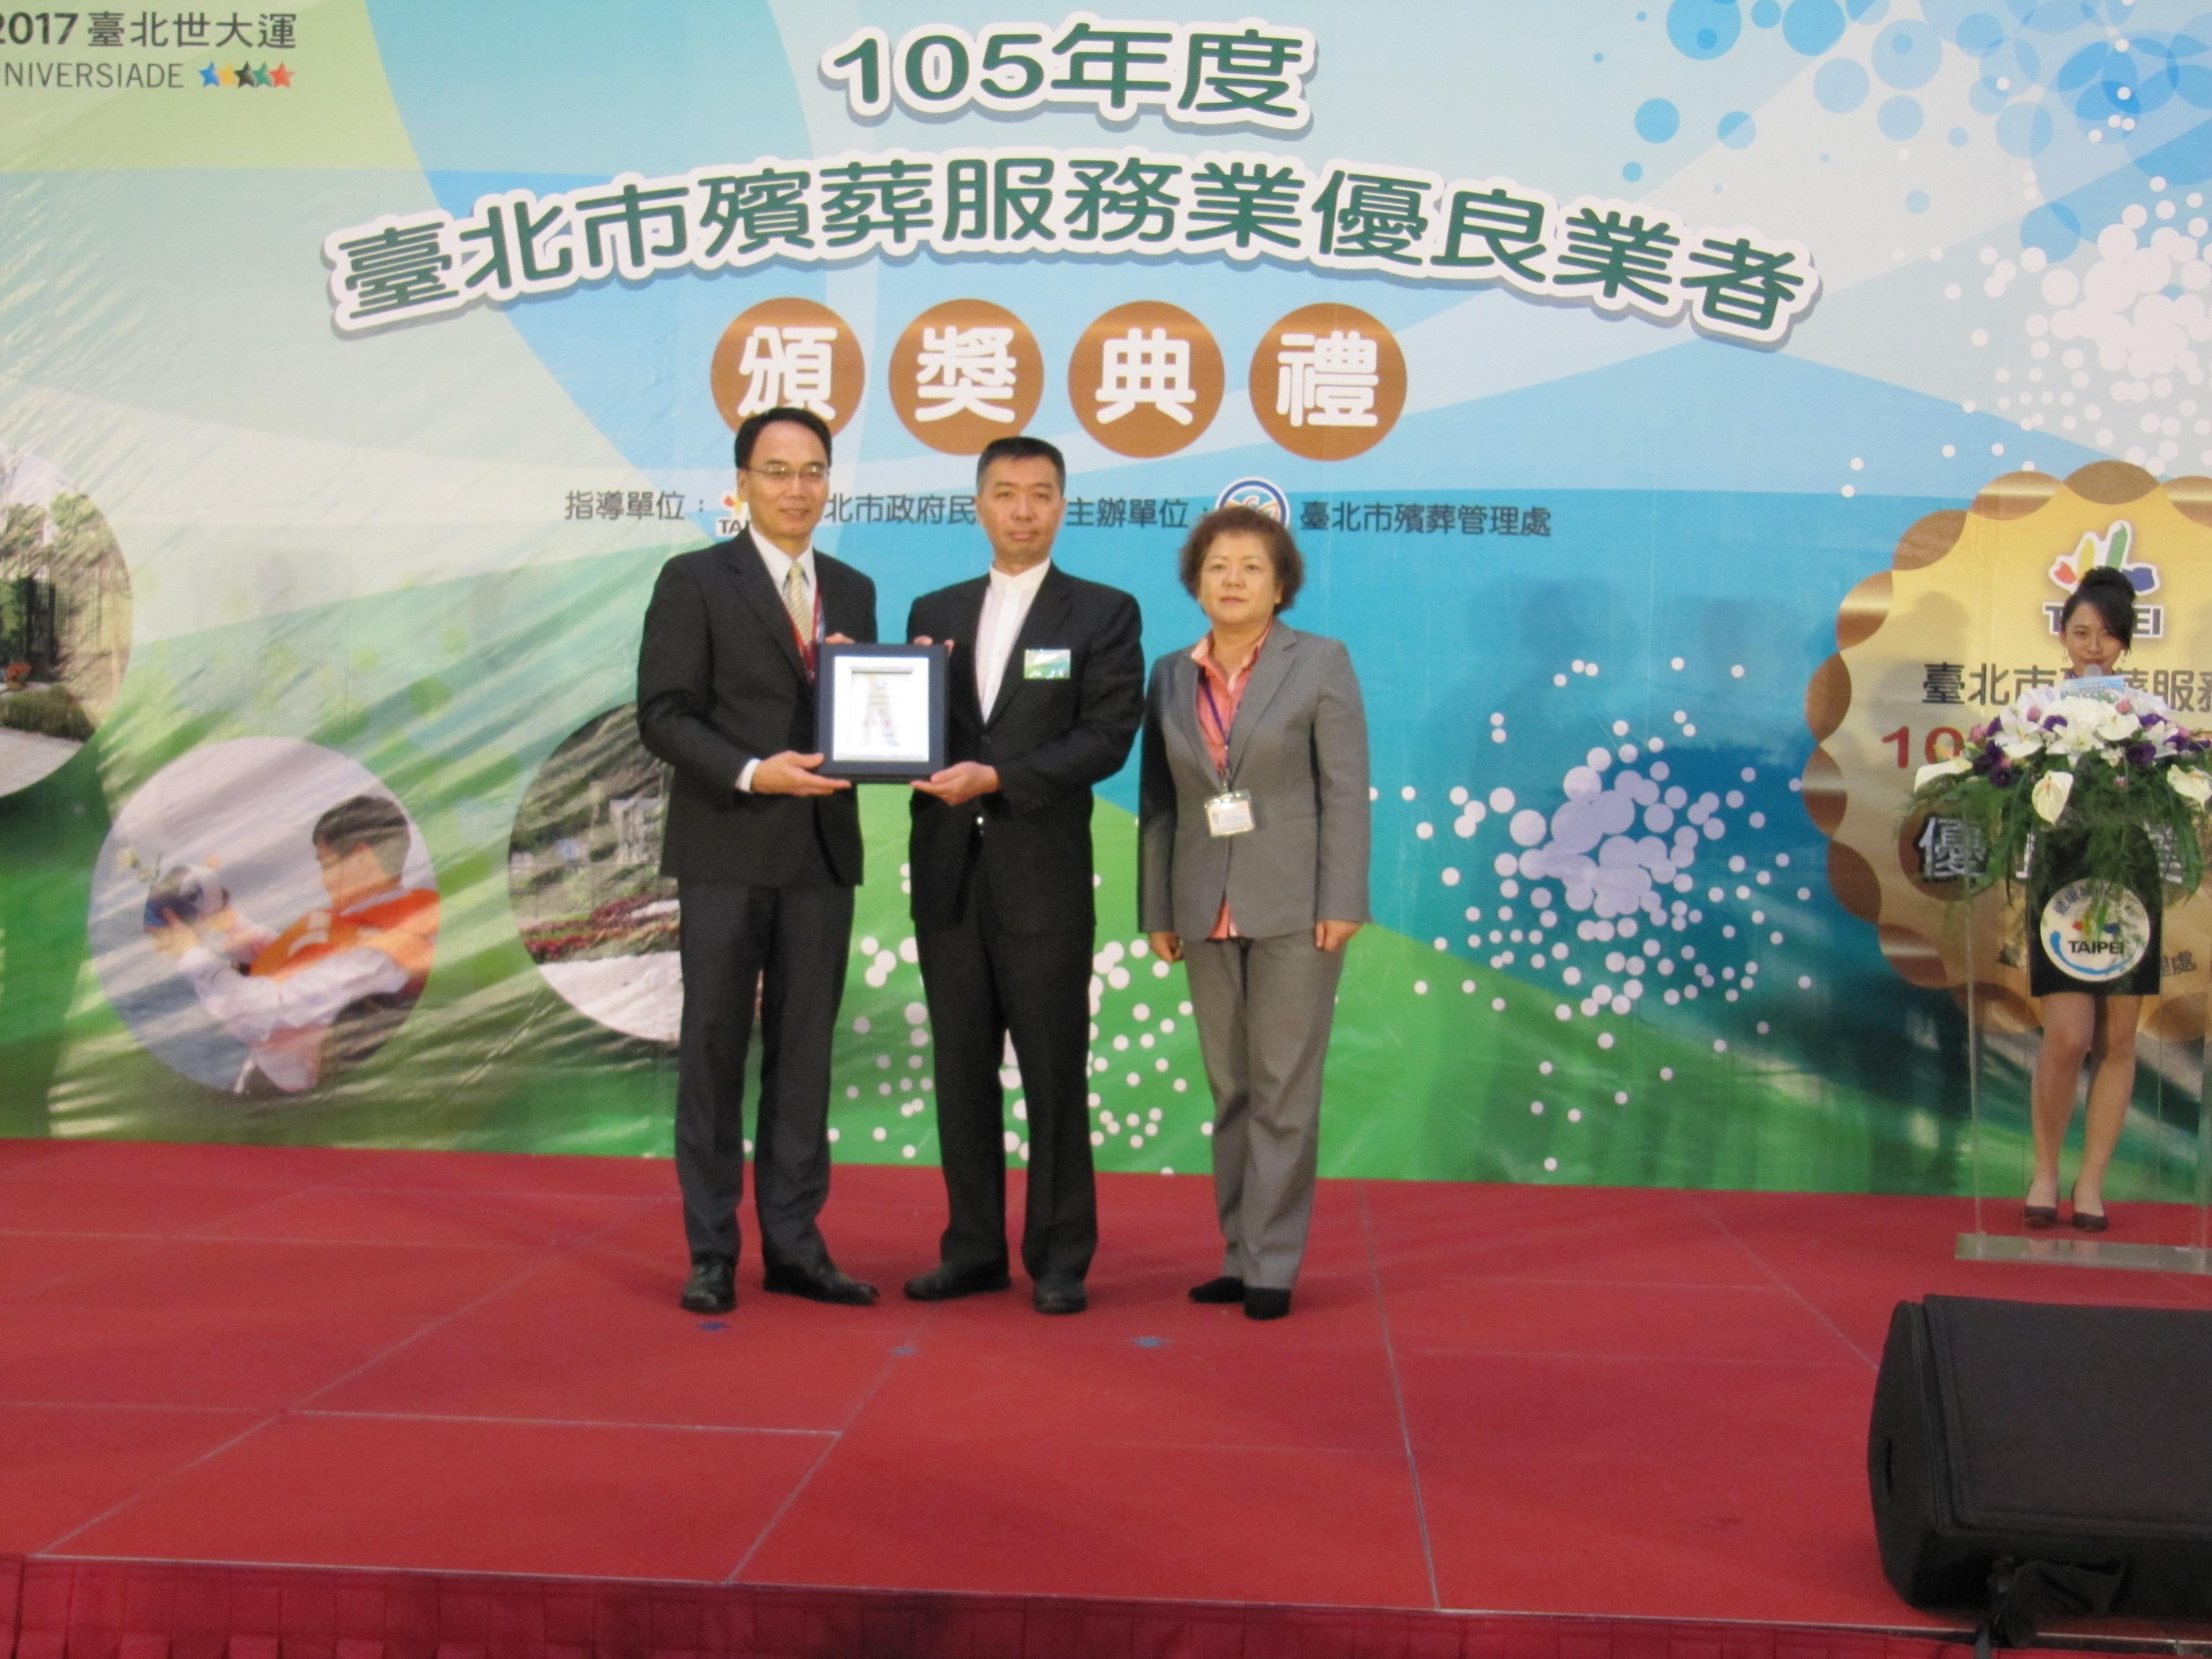 永憶國際榮獲台北市政府105年度殯葬服務業評鑑優良業者殊榮